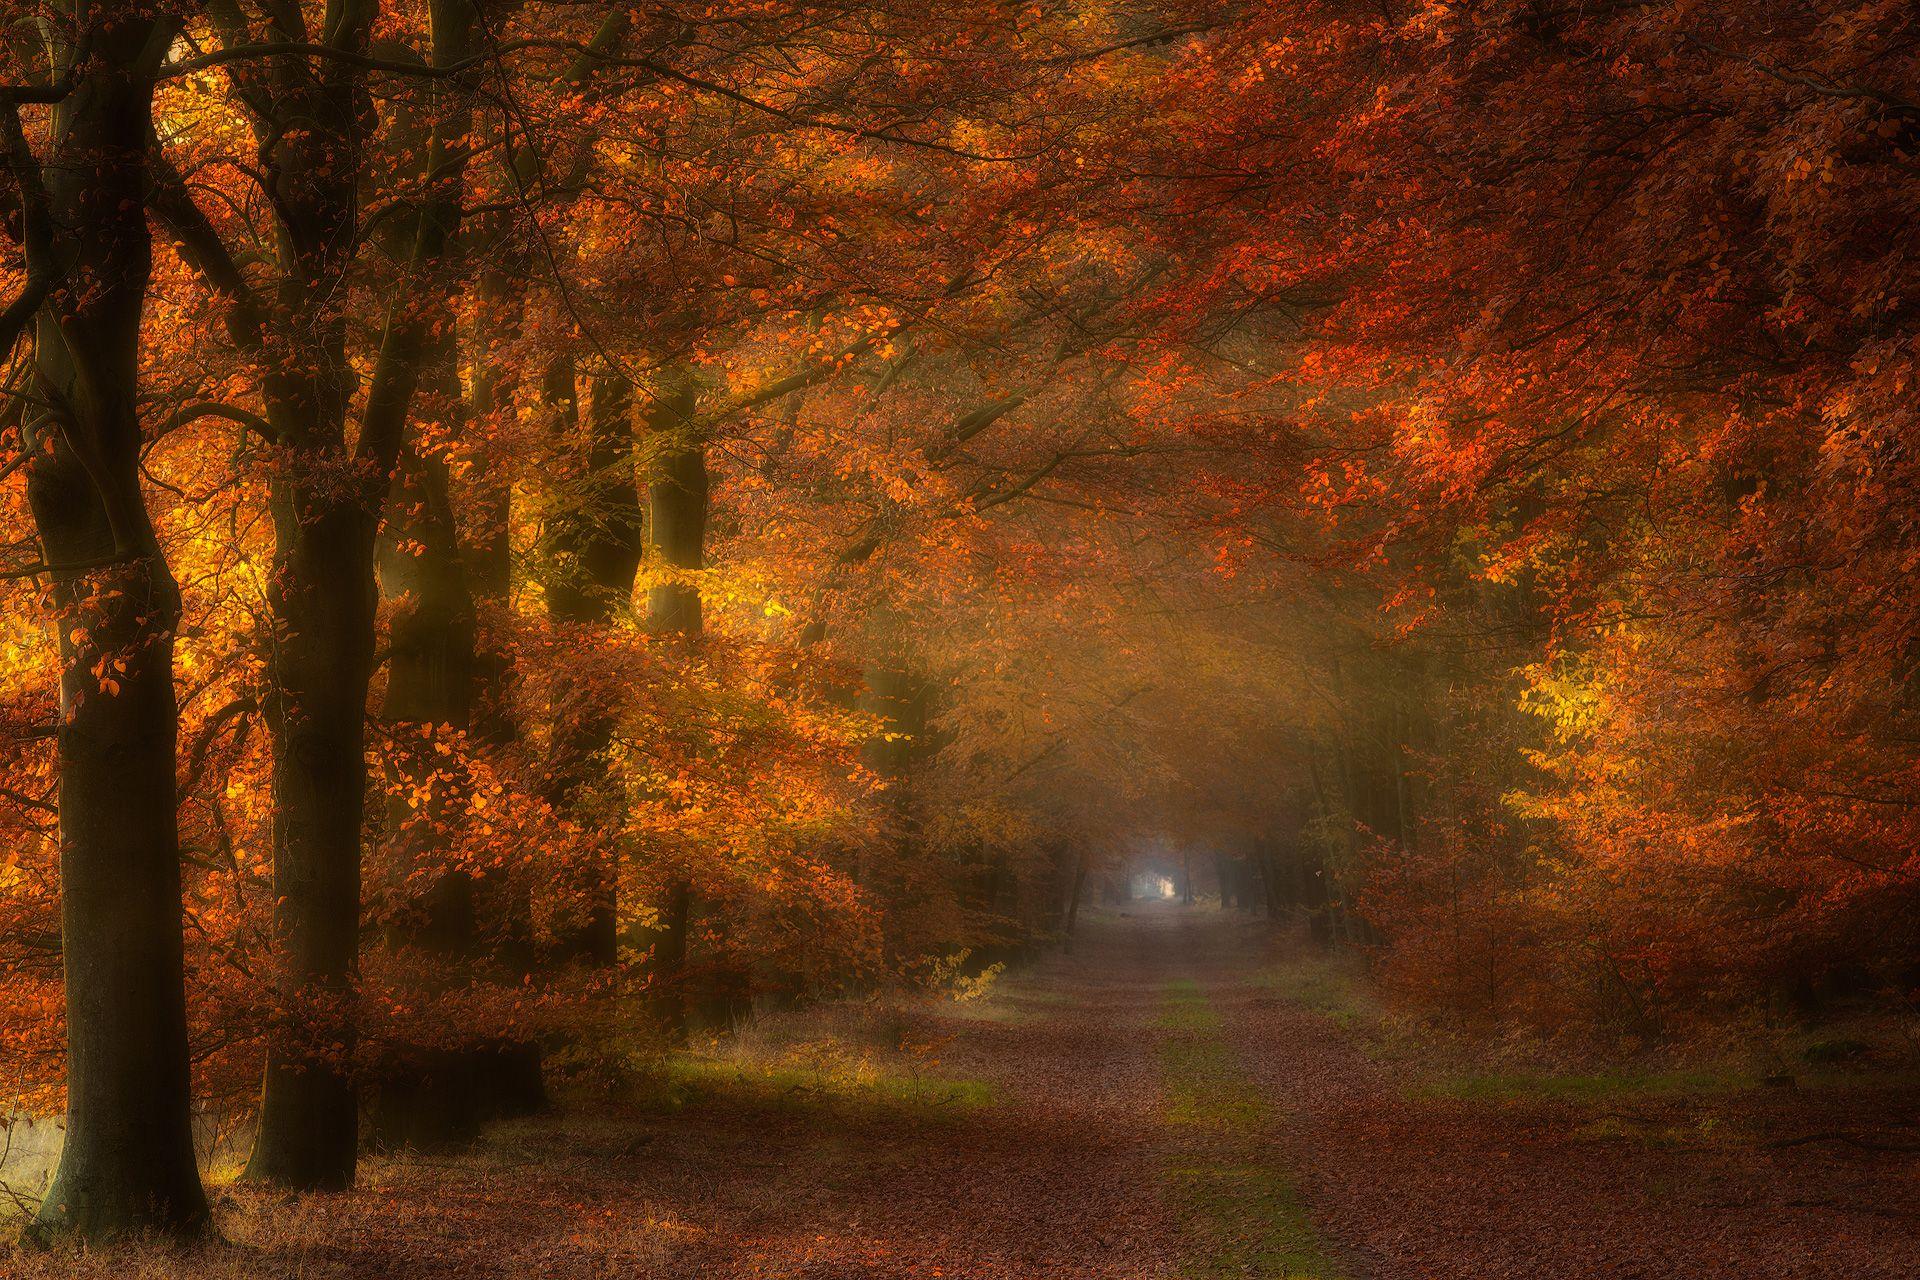 Zonlicht verlicht de herfstkleuren in een ouden beuken laan